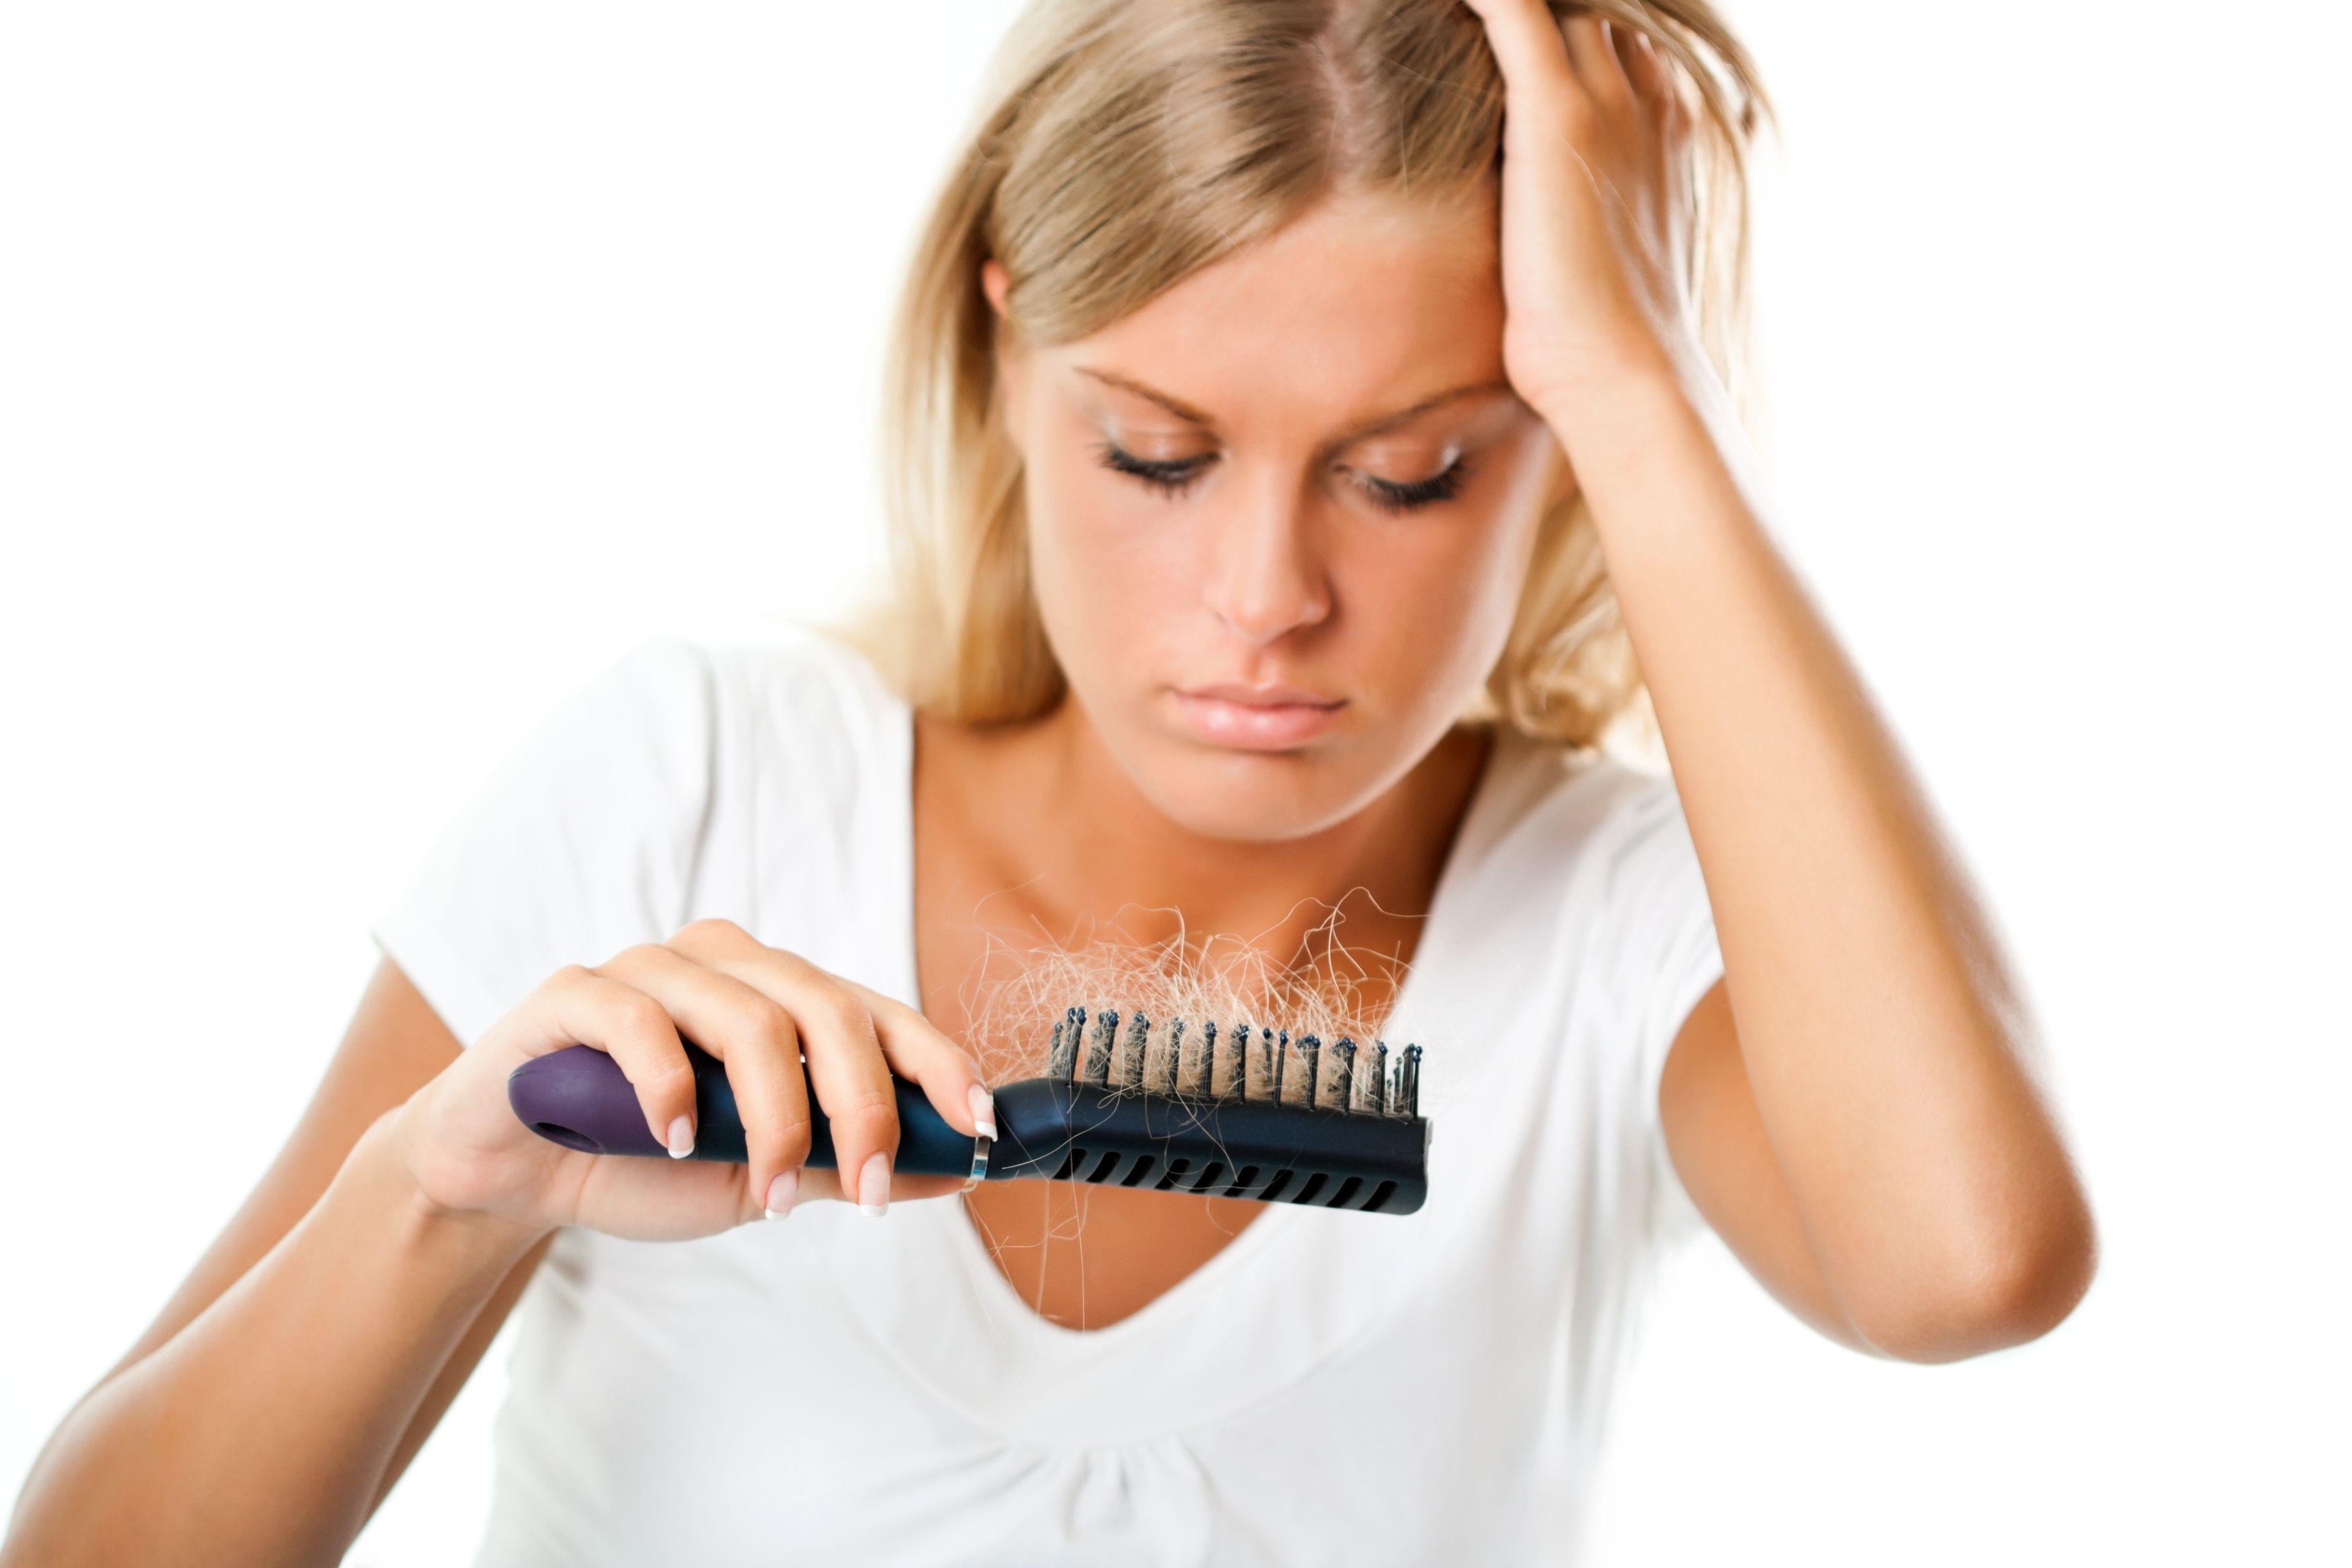 نقص البروتين يسبب تساقط الشعر